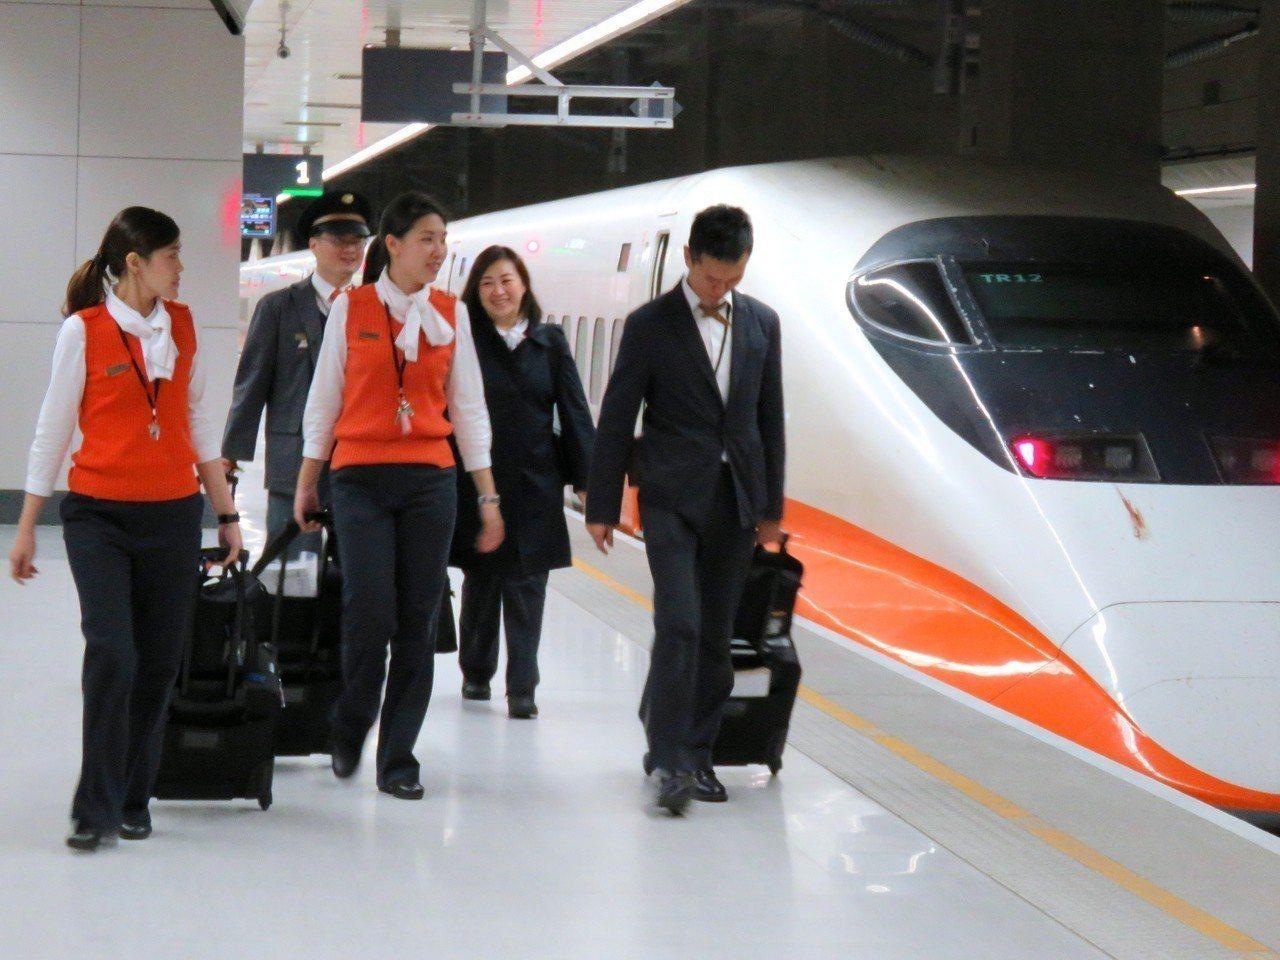 台灣高鐵公司表示演習期間,高鐵各車次列車均正常行駛。記者雷光涵/攝影